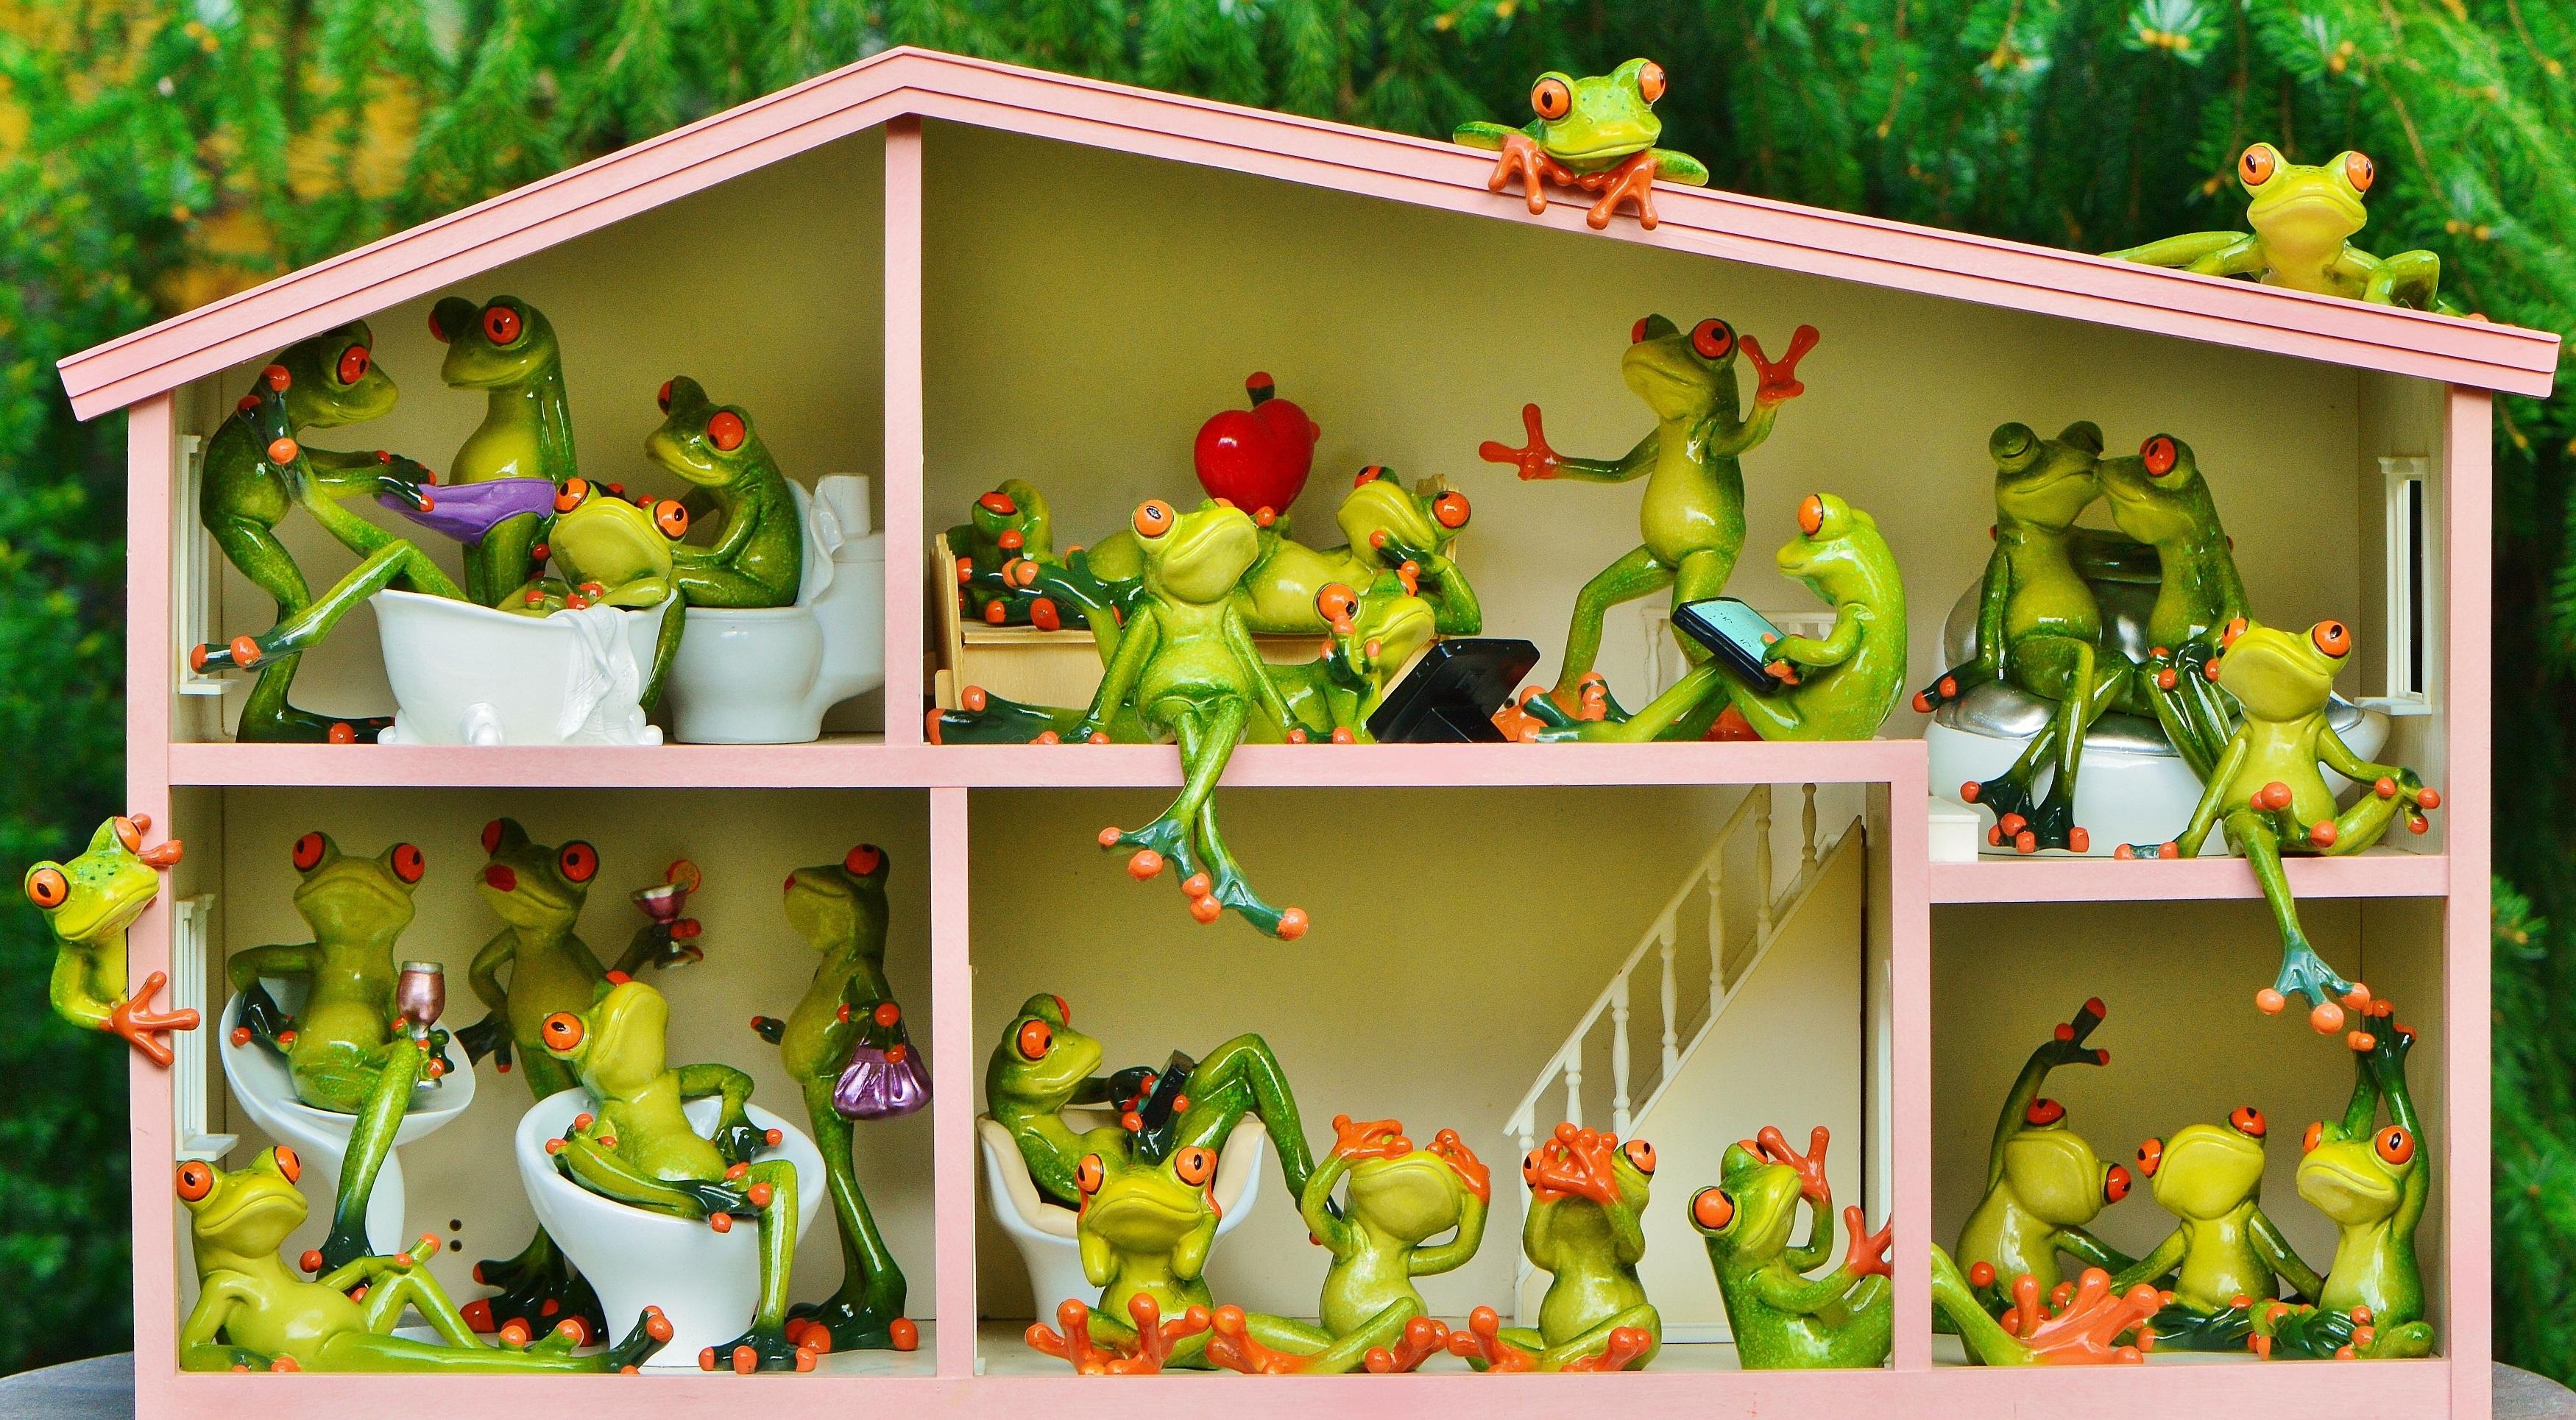 Fotos gratis jugar dulce flor animal linda vivir - Casa seleccion decoracion ...